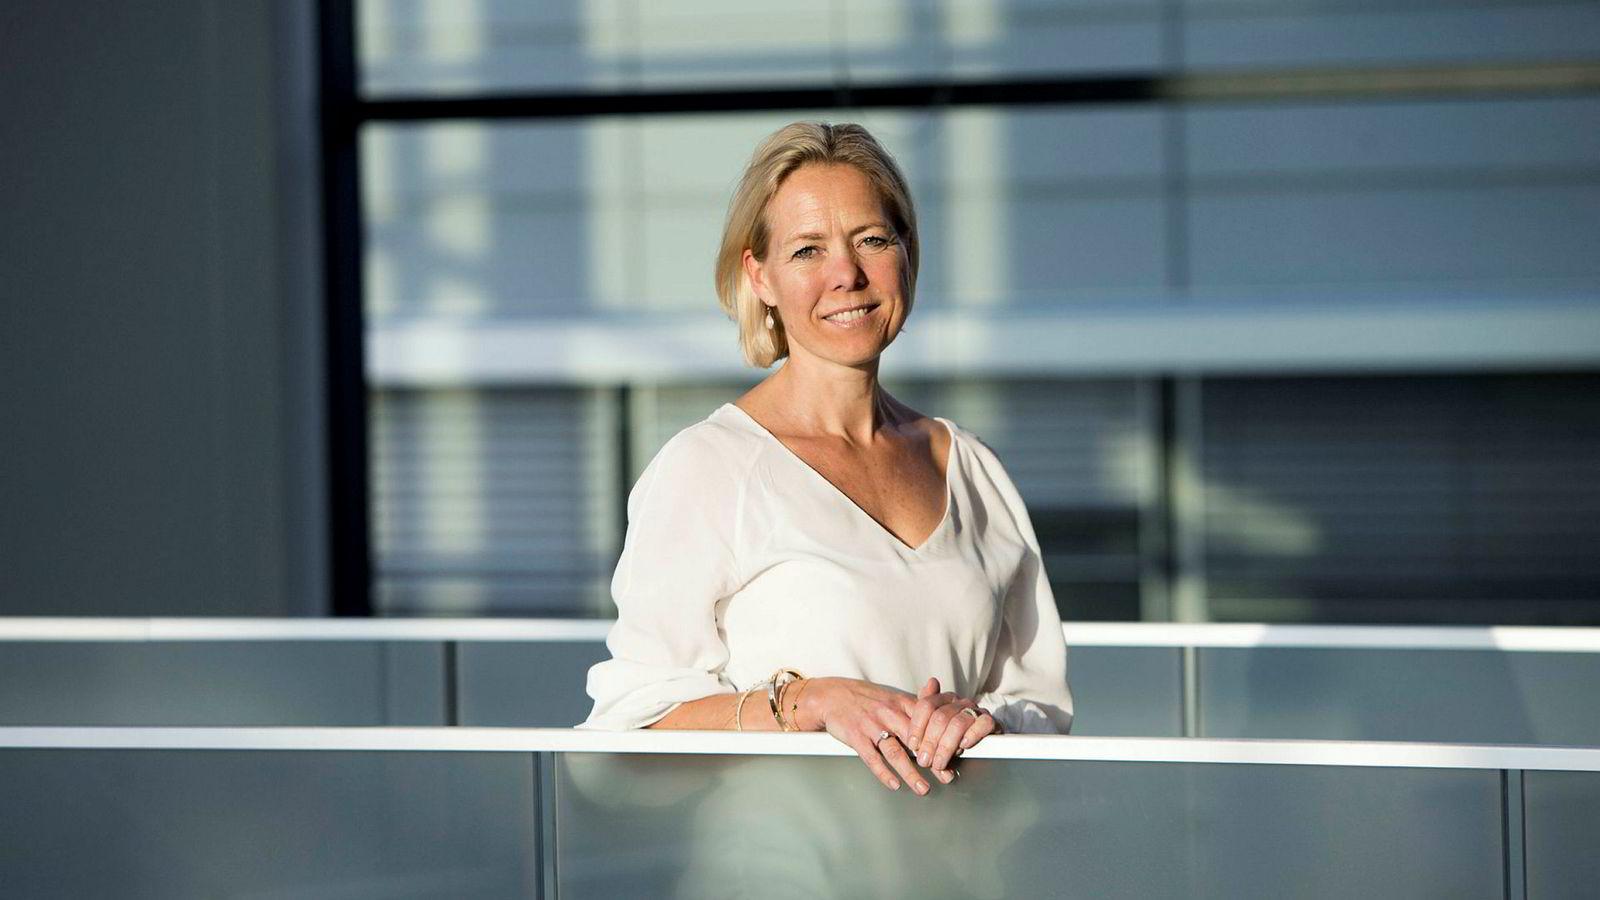 Vibeke Hauge slutter i Geelmuyden Kiese mindre enn et år etter at hun rykket opp som partner. Hun oppgir et fristende jobbtilbud som årsak til byttet.